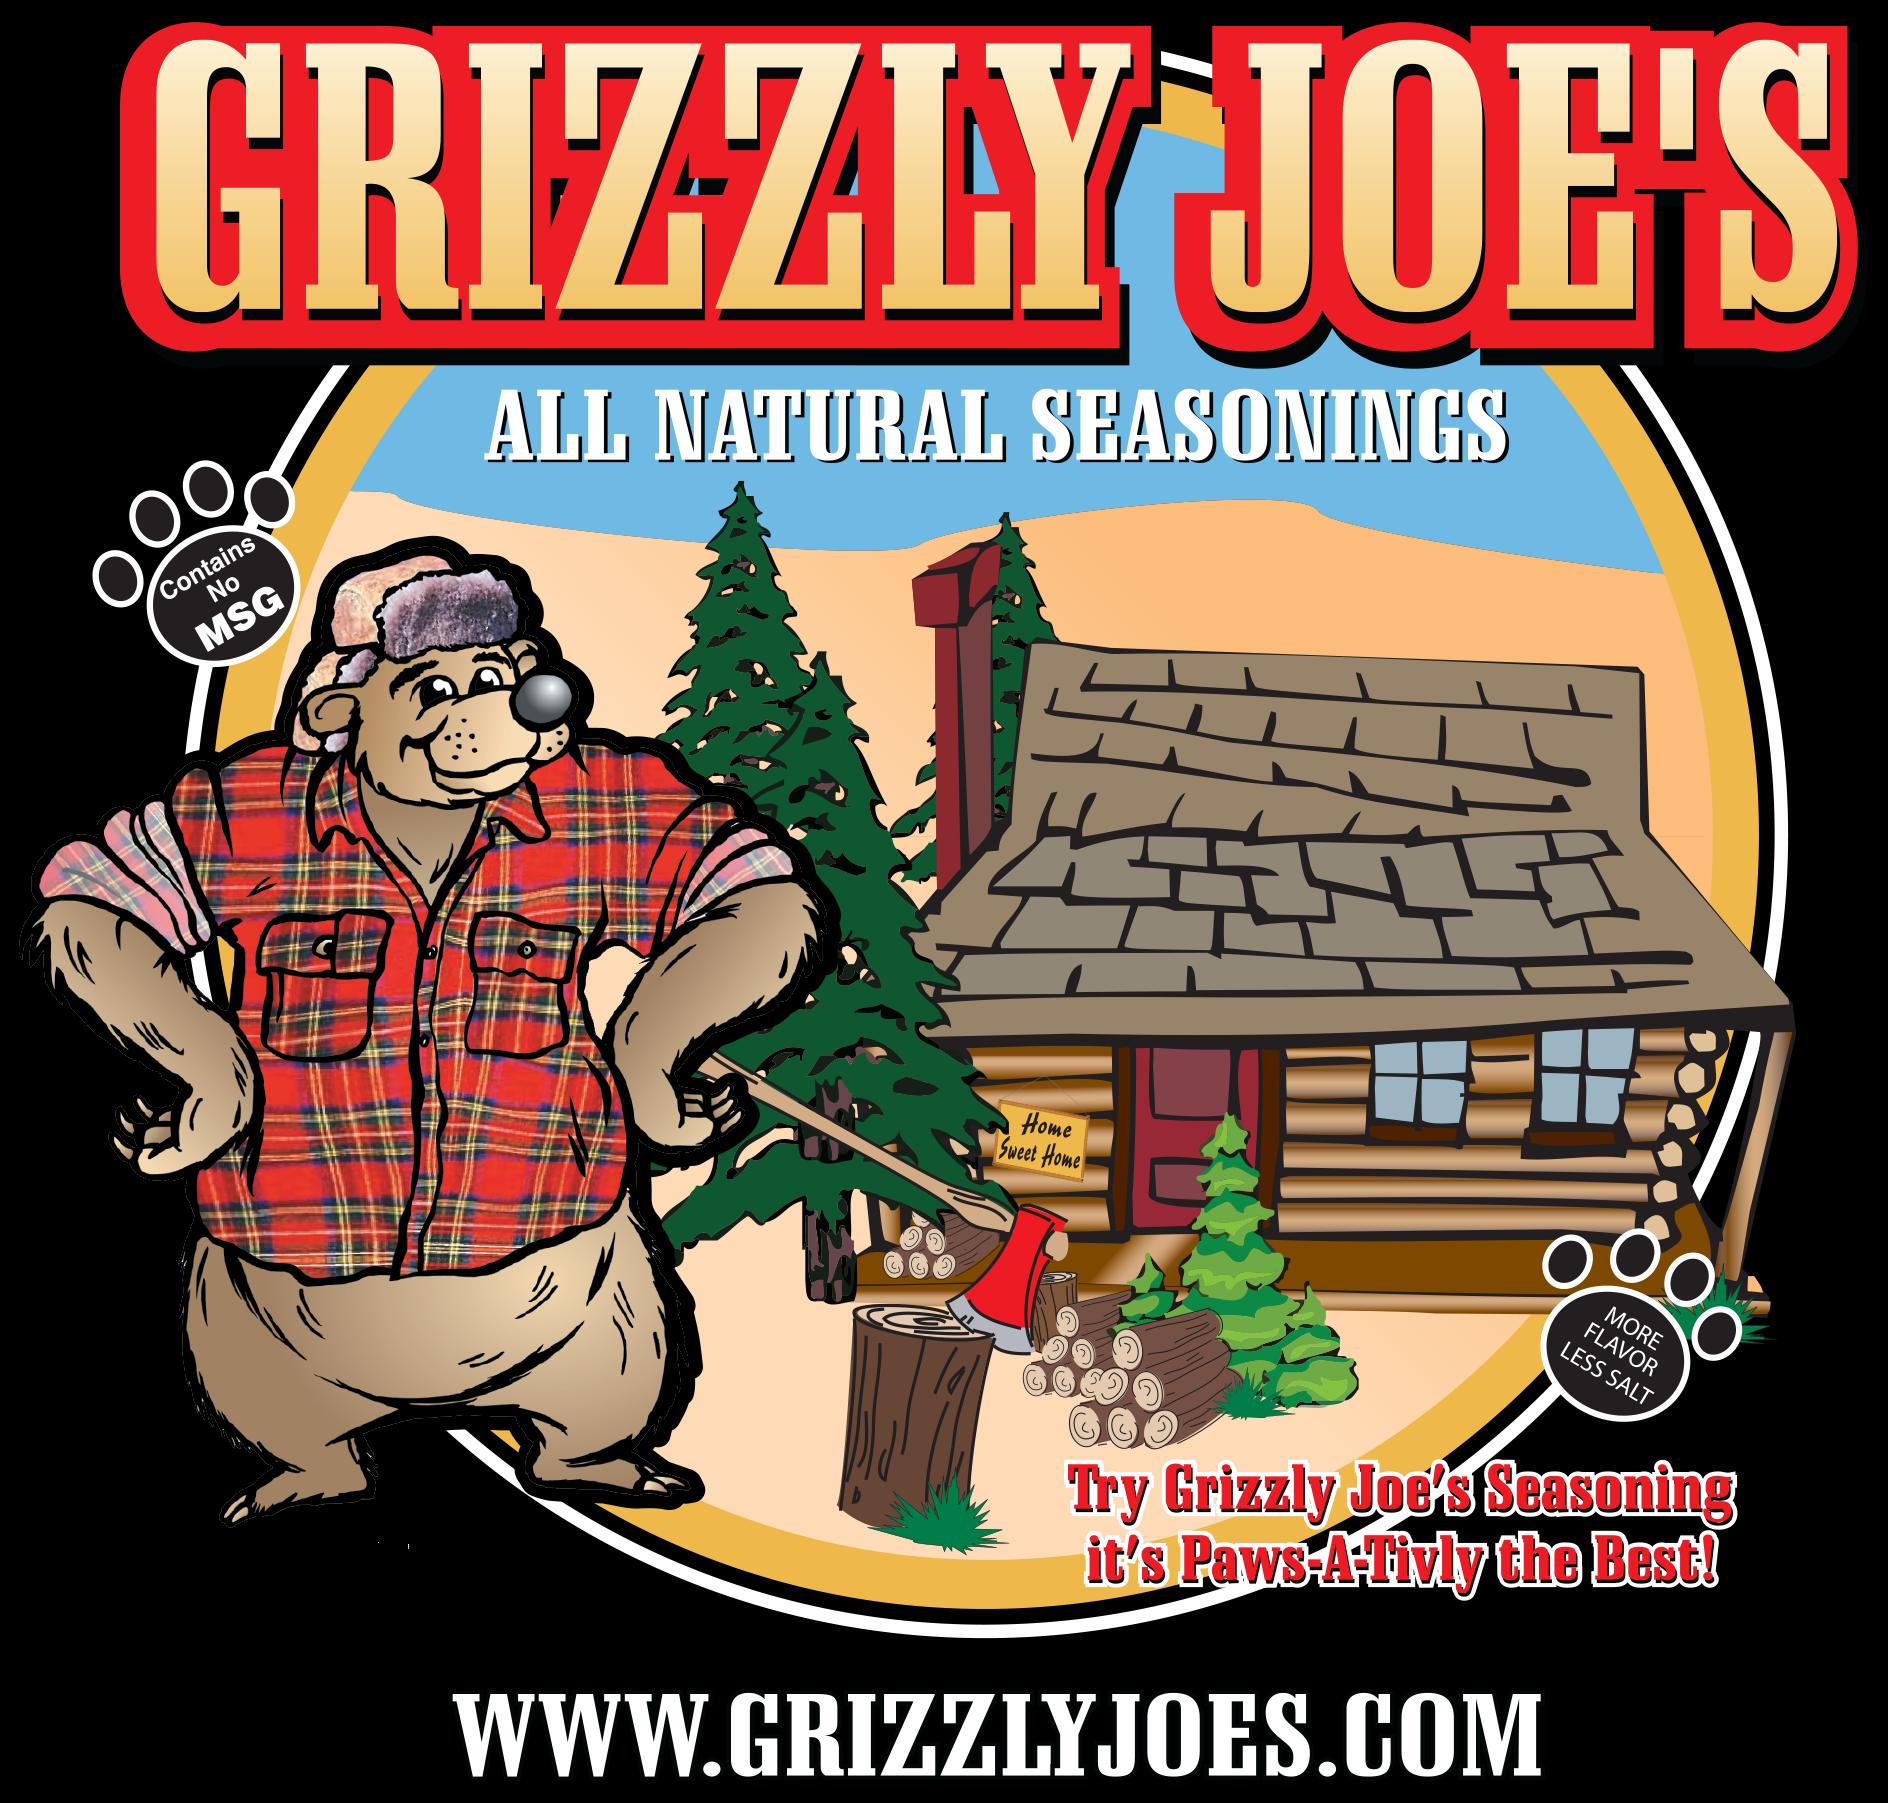 Garlic clipart seasoning. Grizzly joe s seasonings